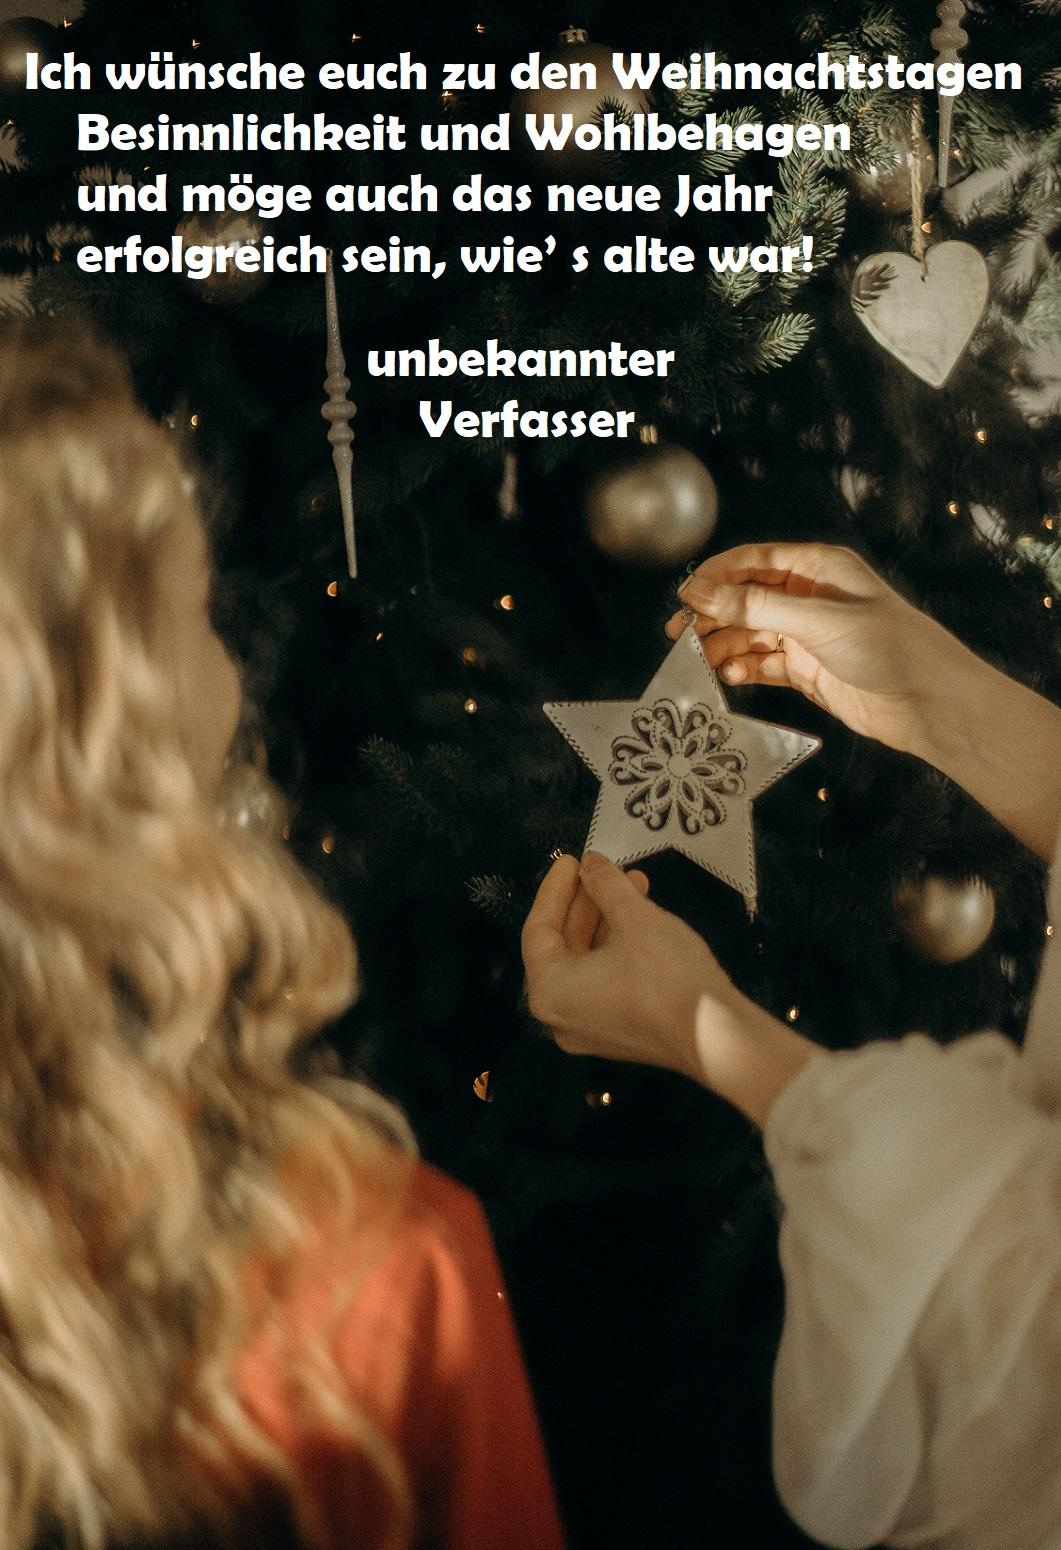 Weihnachtswünsche Bild 9